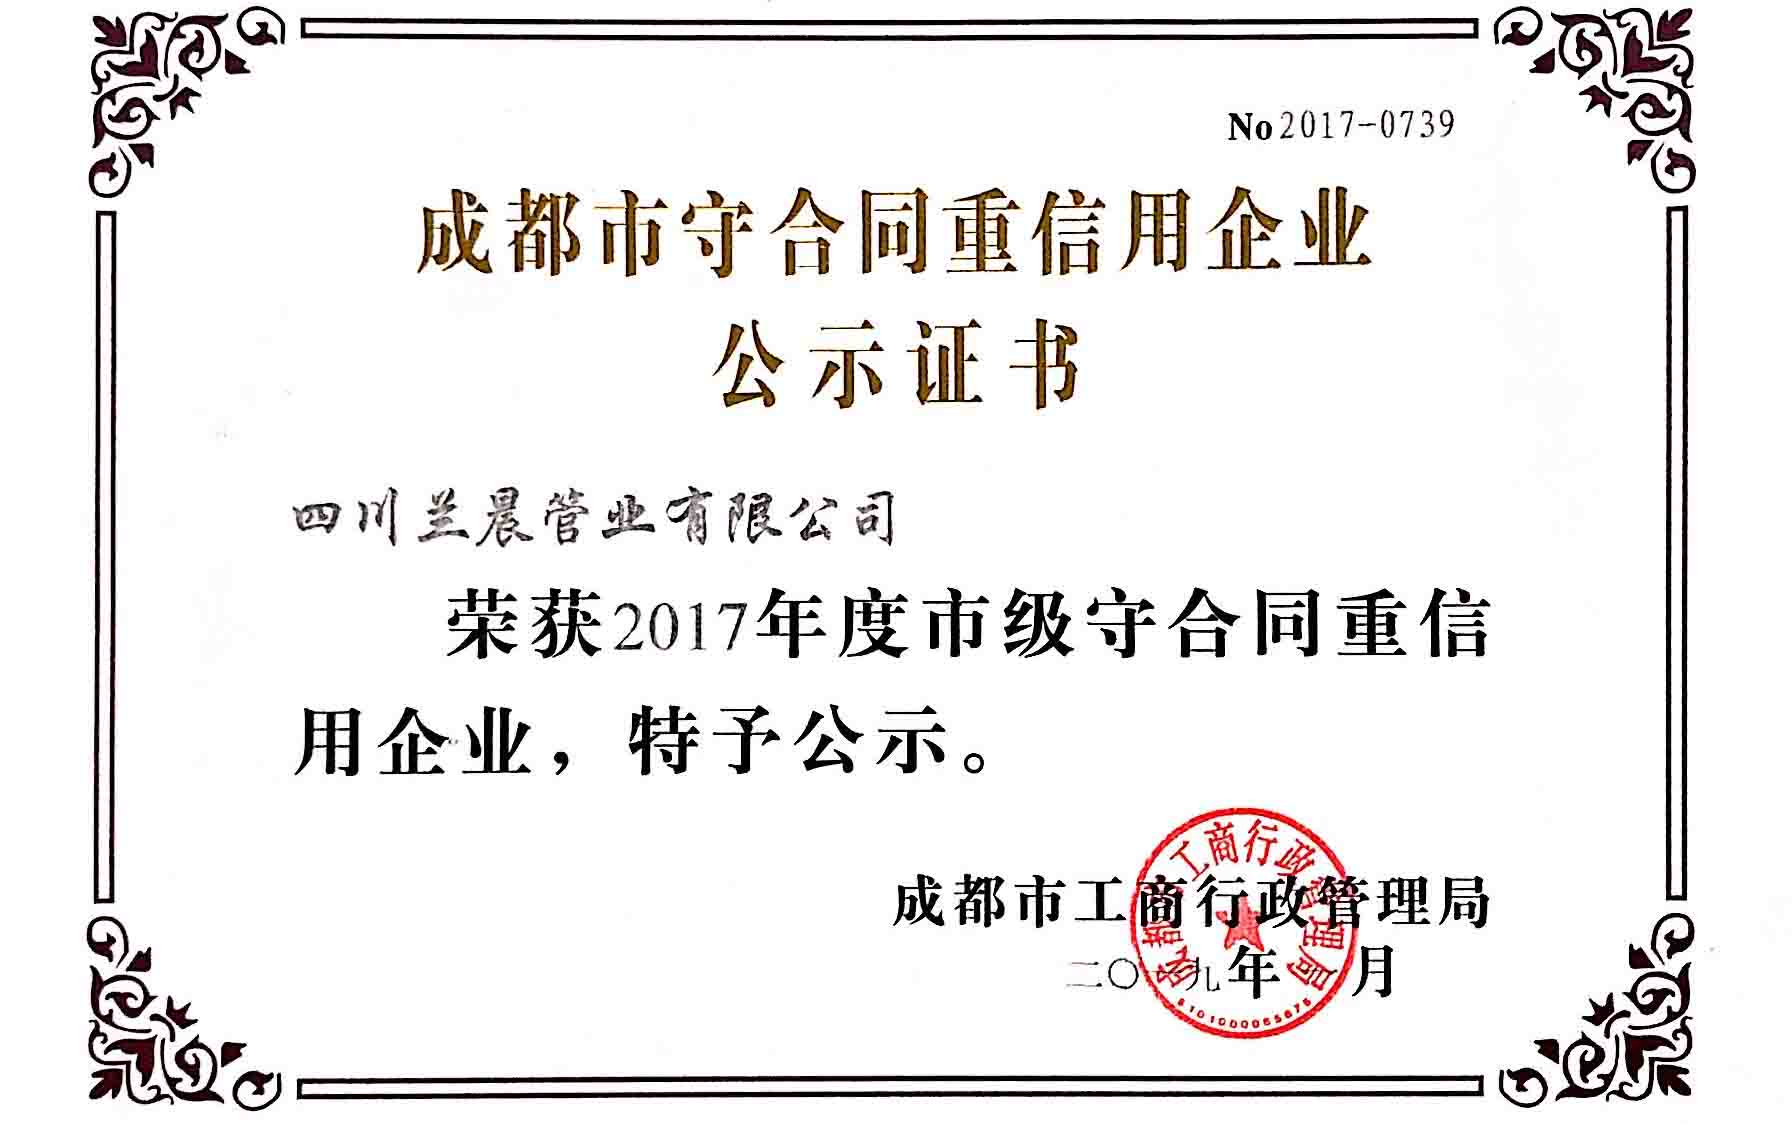 守重公示证书